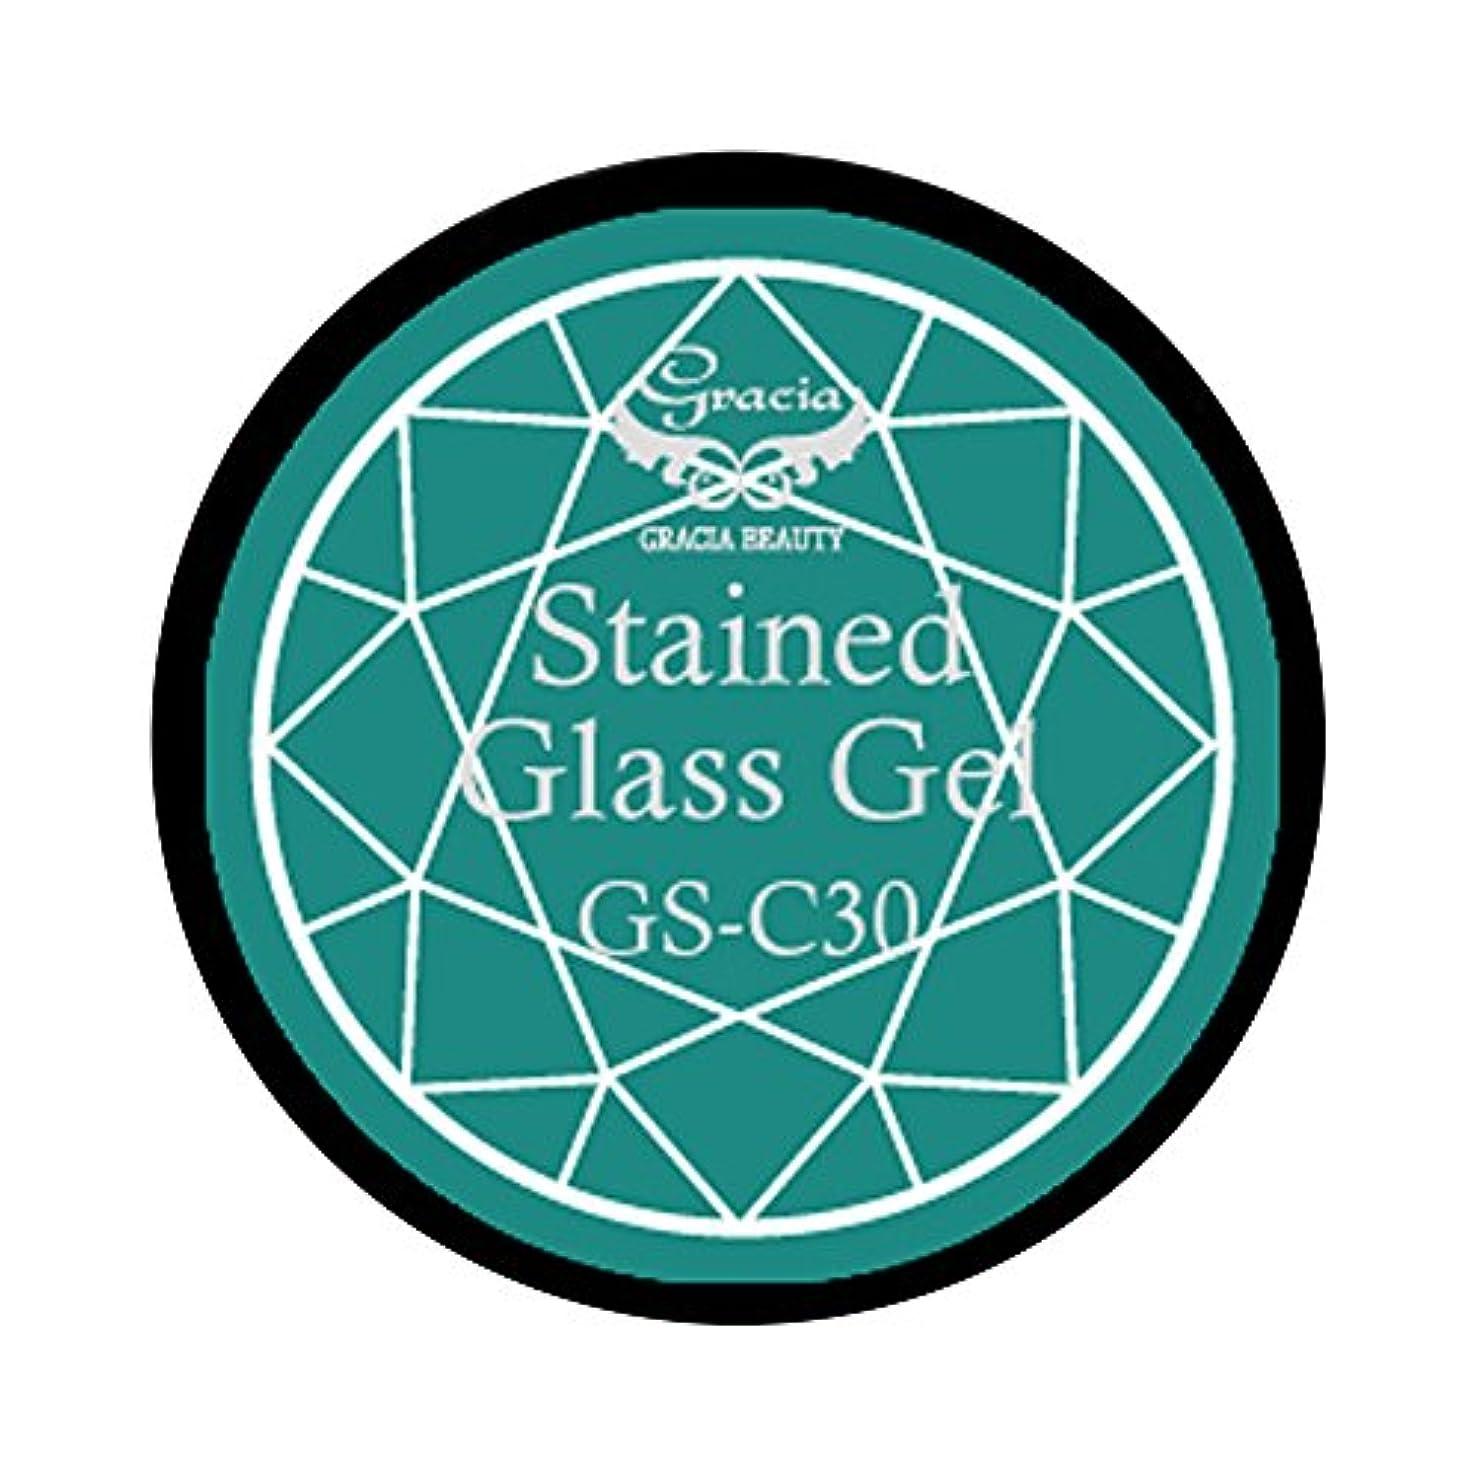 汚染するクール雹グラシア ジェルネイル ステンドグラスジェル GSM-C30 3g  クリア UV/LED対応 カラージェル ソークオフジェル ガラスのような透明感